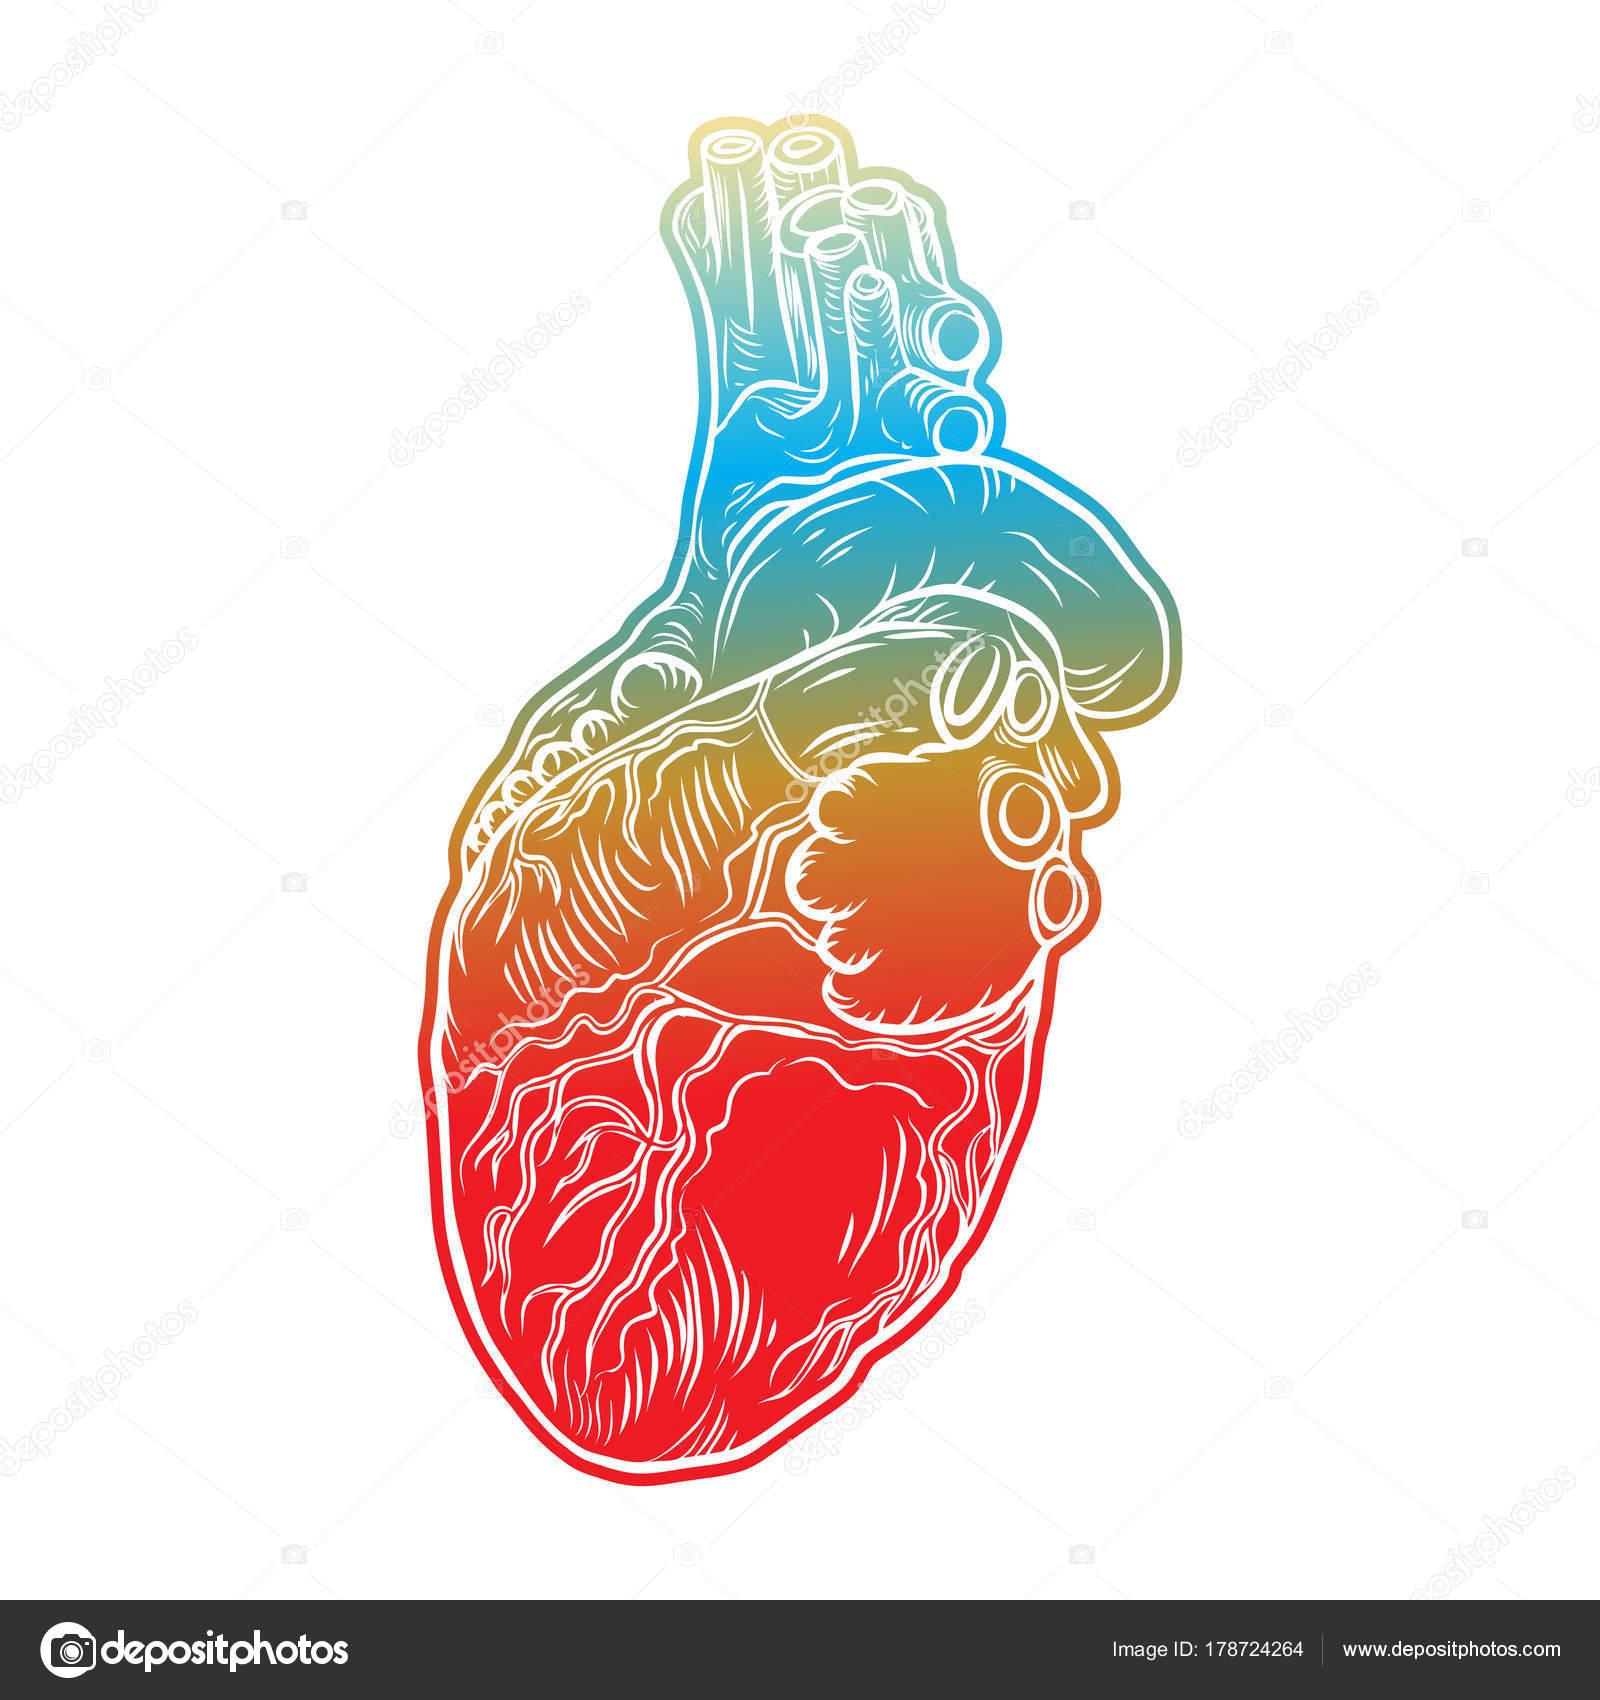 Menschlichen Herzen. Hand-gezogene Fleisch-Tattoo-Konzept ...